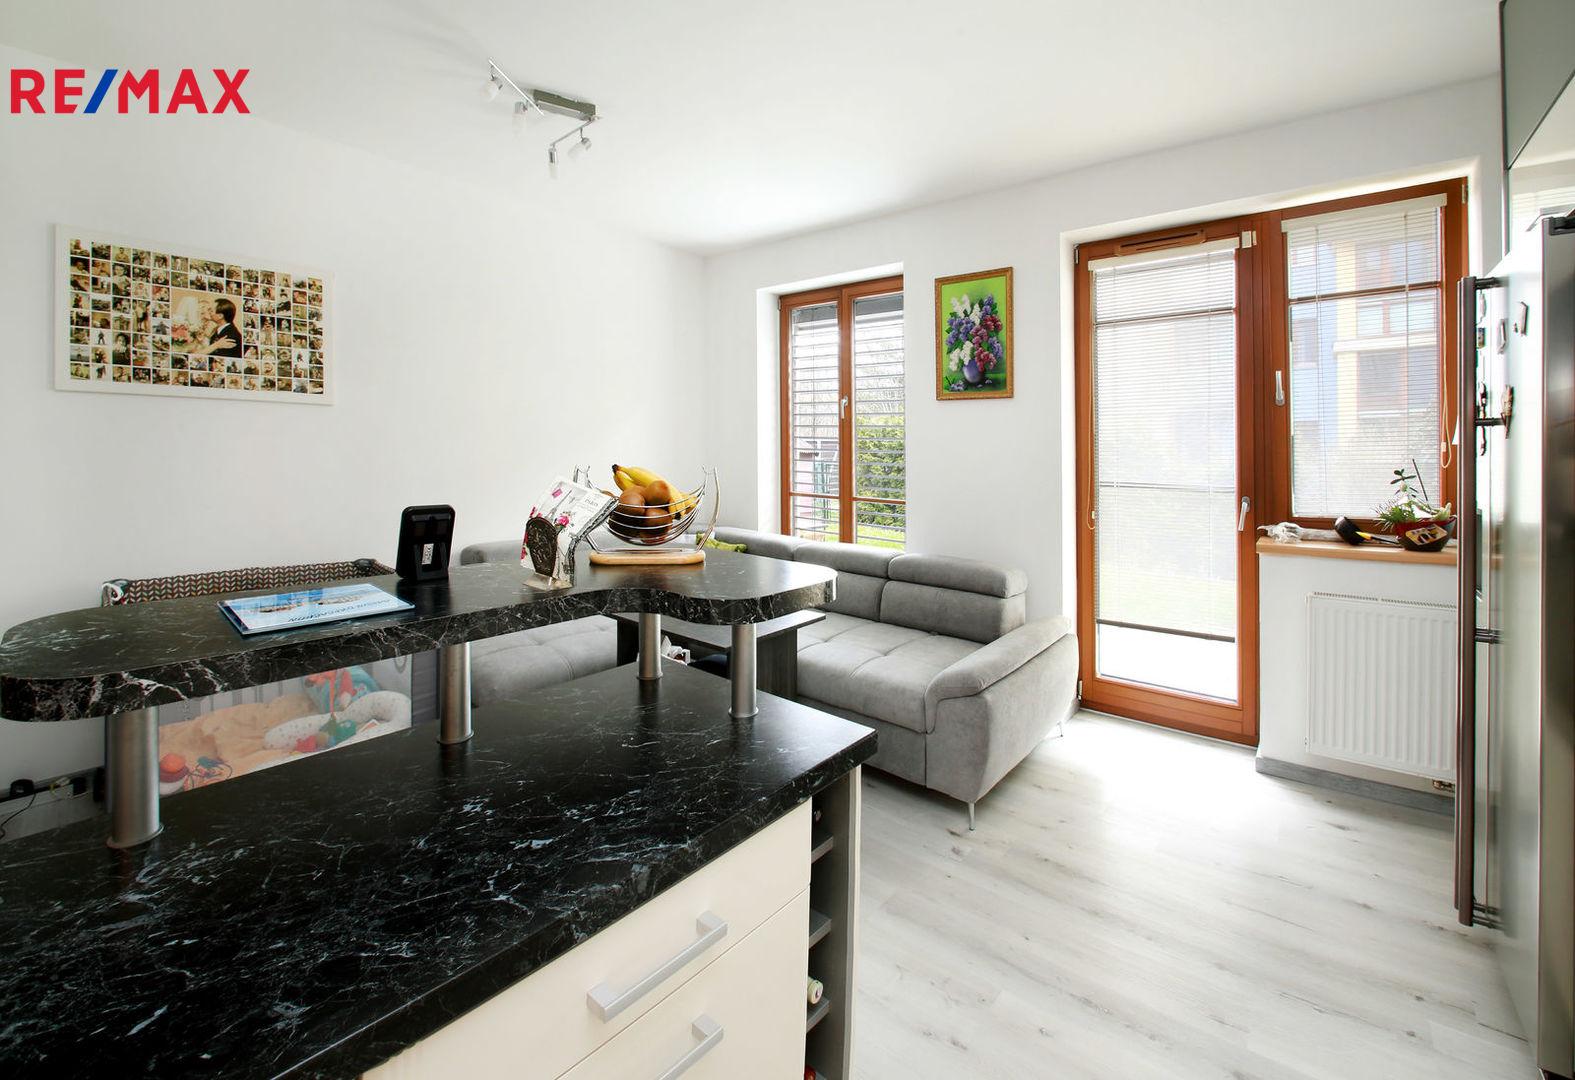 Prodej bytu 3+kk v osobním vlastnictví 65 m², Praha 10 - Hostivař